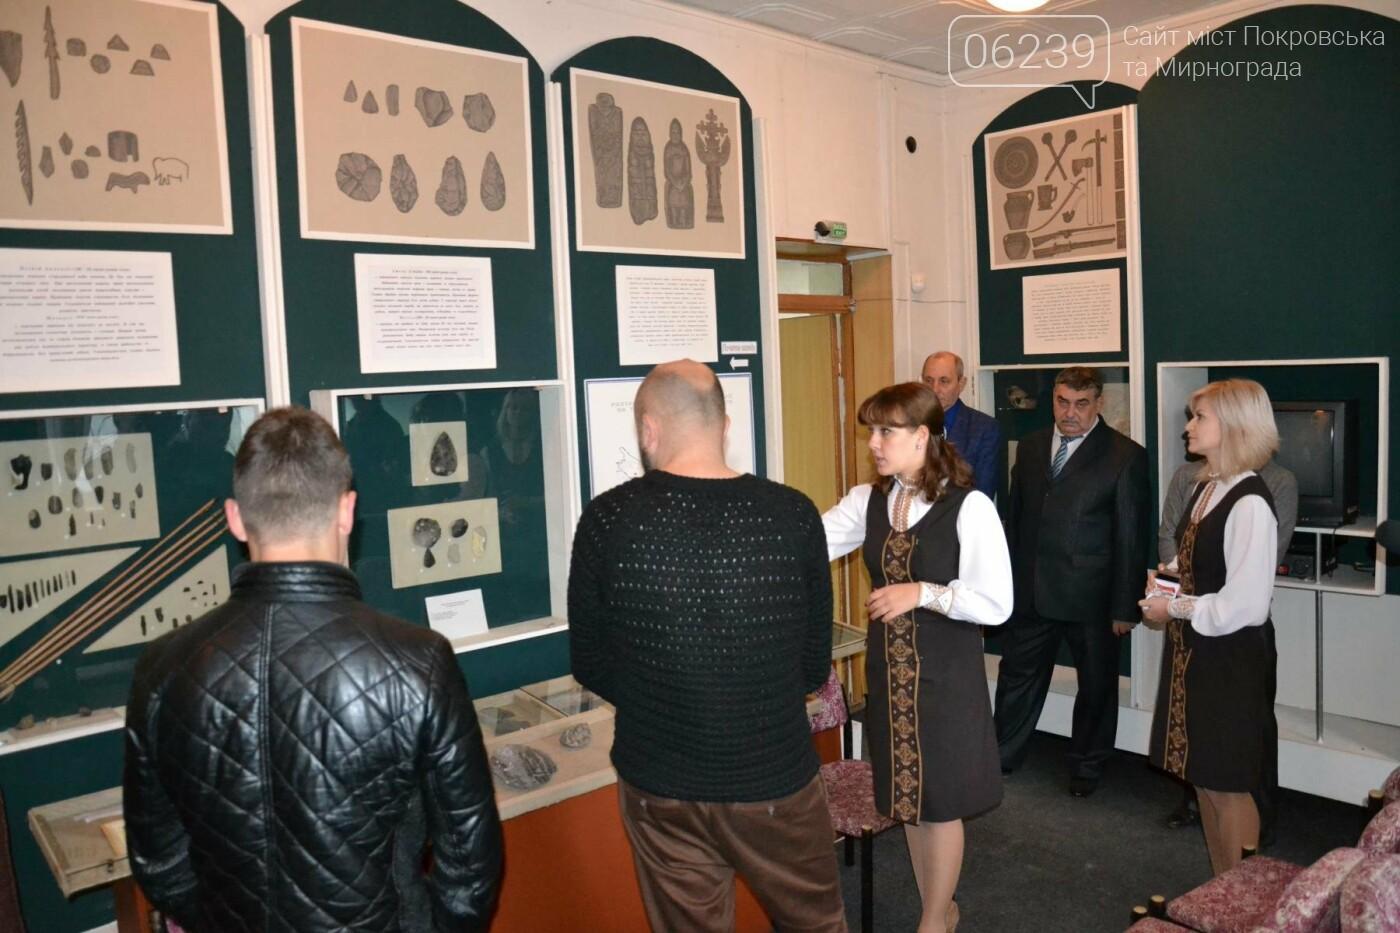 """У Покровському музеї відбулася зустріч працівників з учасниками проекту """"Музей відкрито на ремонт"""", фото-1"""